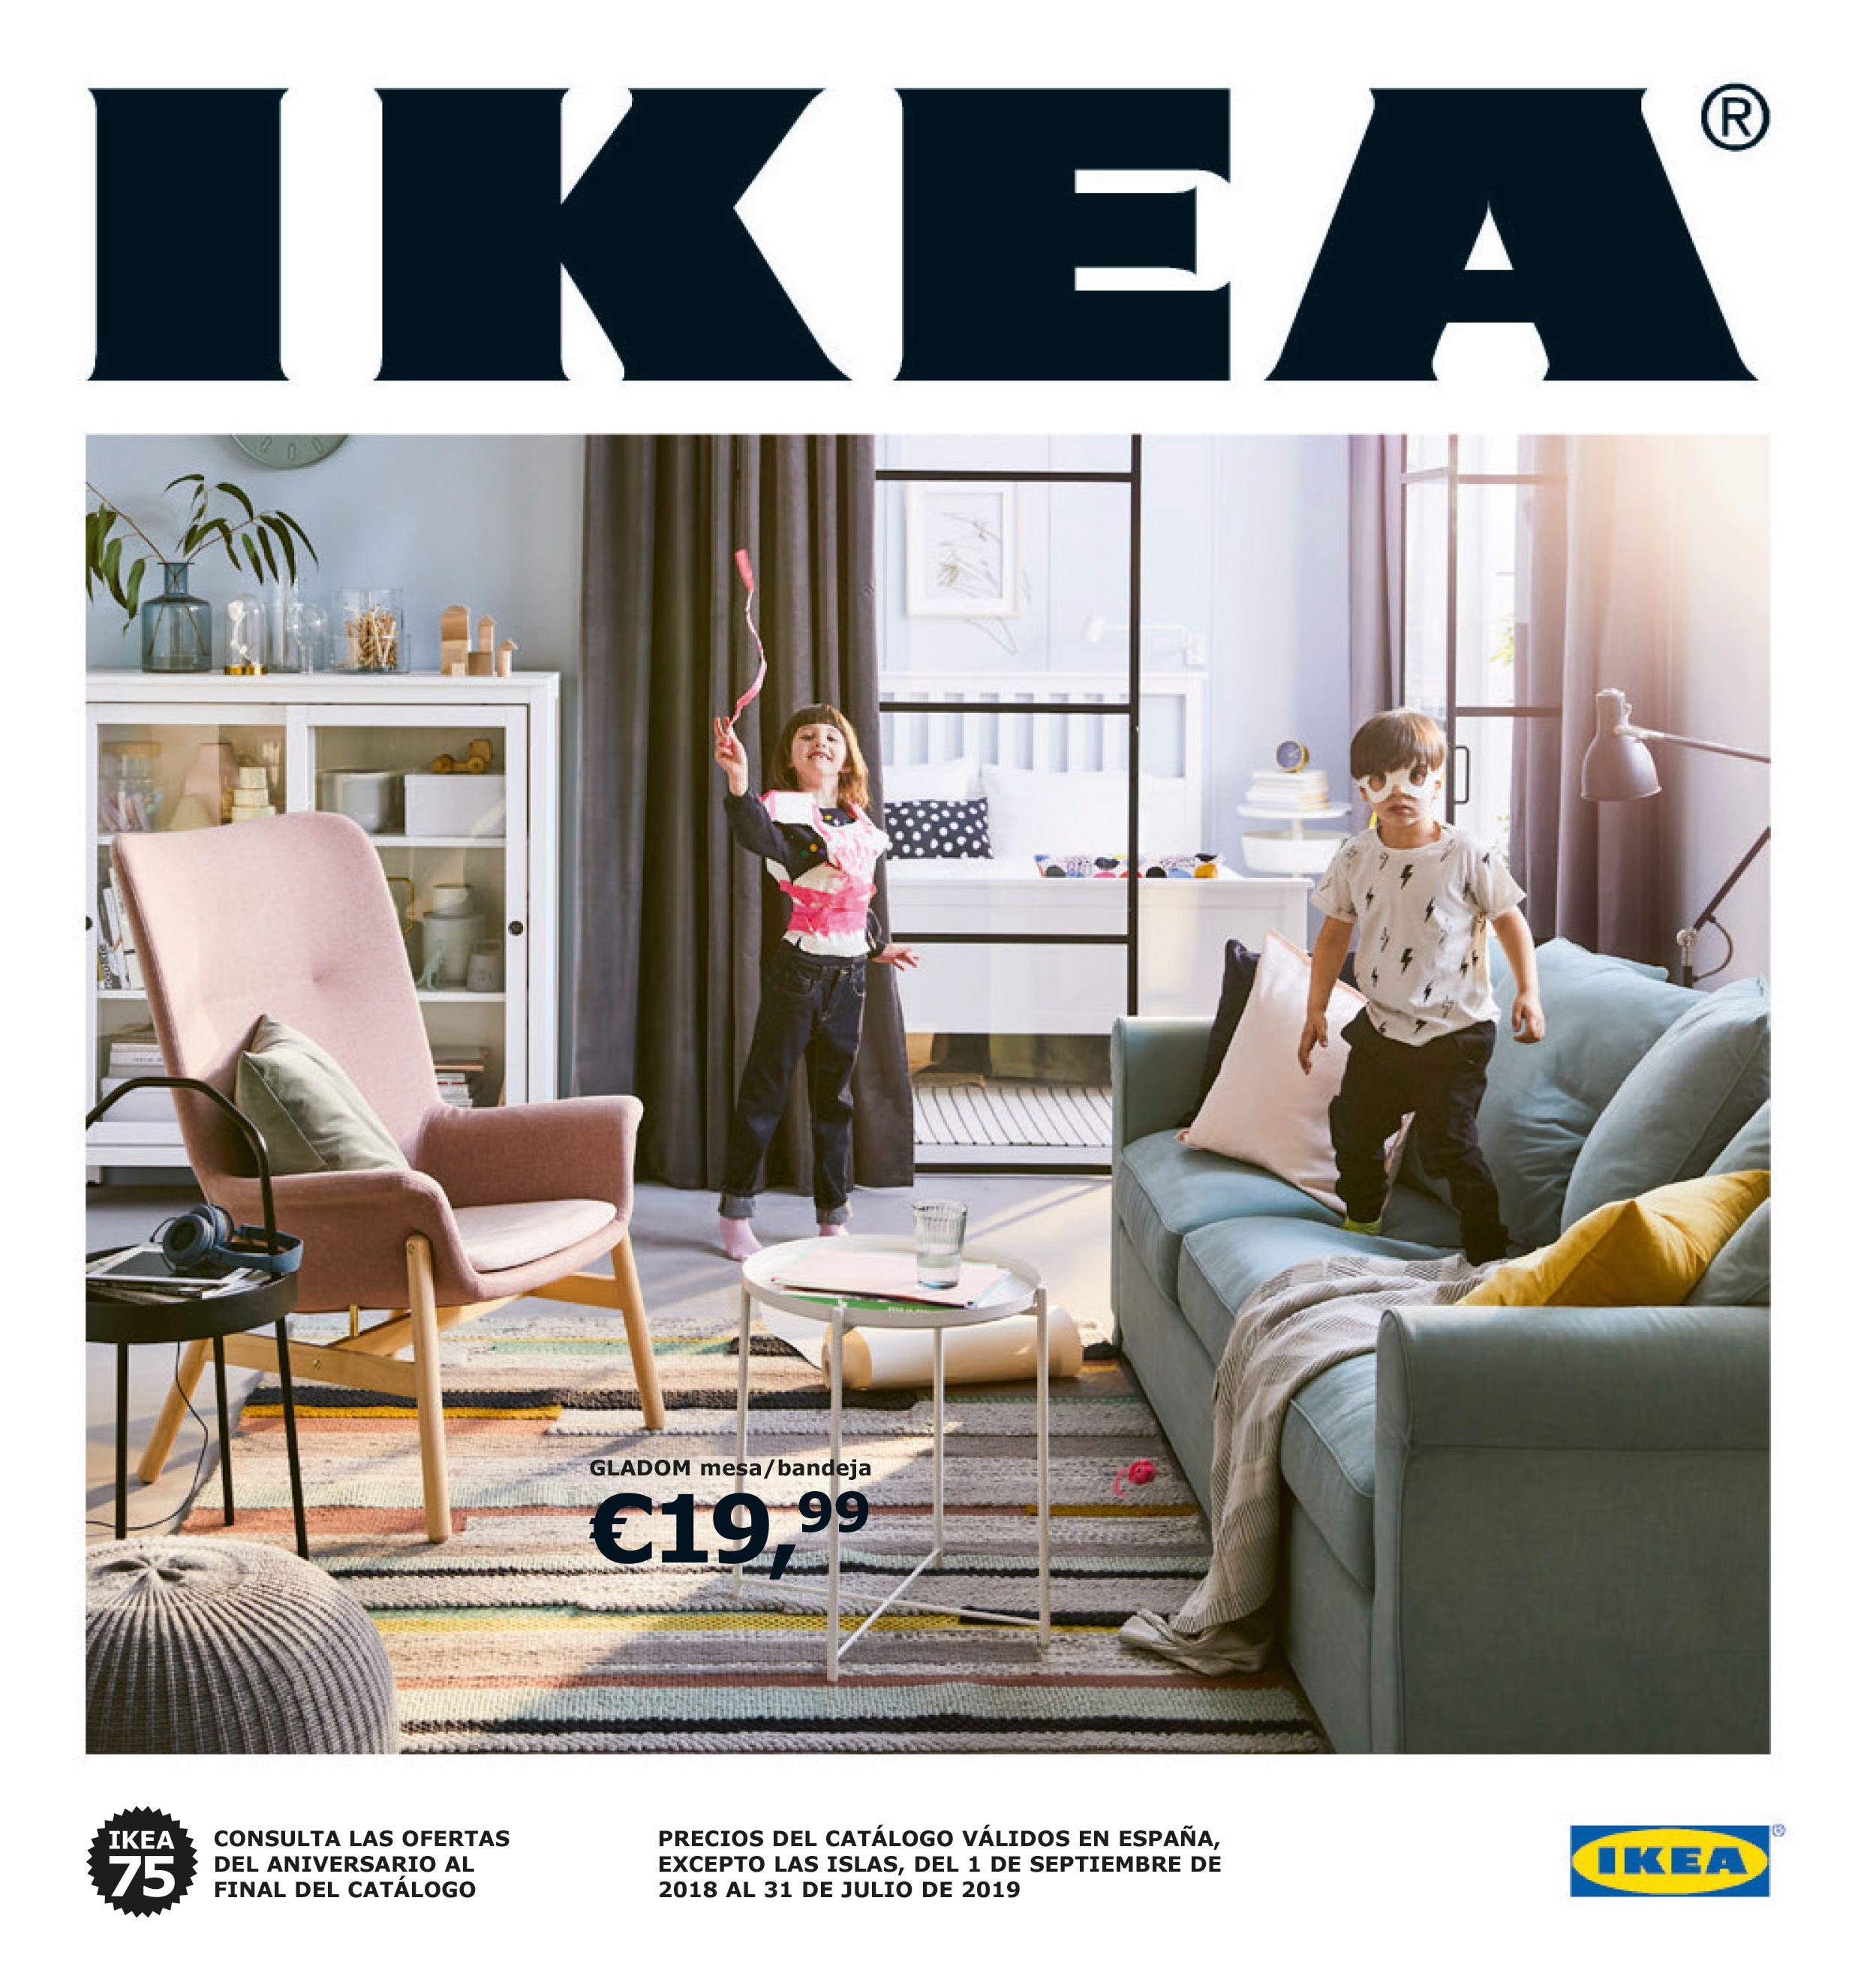 Catálogo IKEA - Diez piezas del nuevo catálogo de IKEA que queremos ...